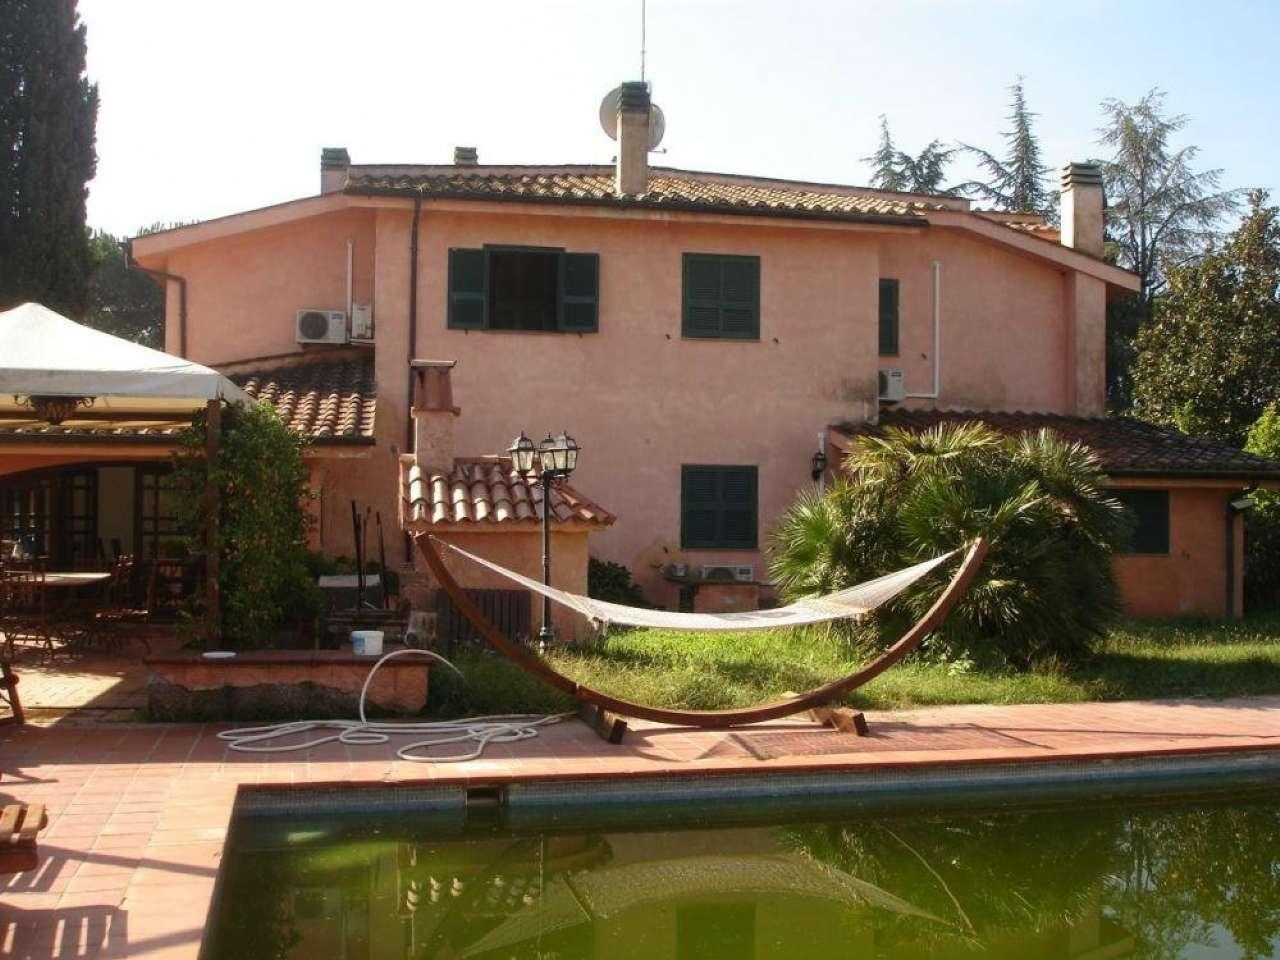 Annunci immobiliari di ville con piscina a roma for Annunci immobiliari roma